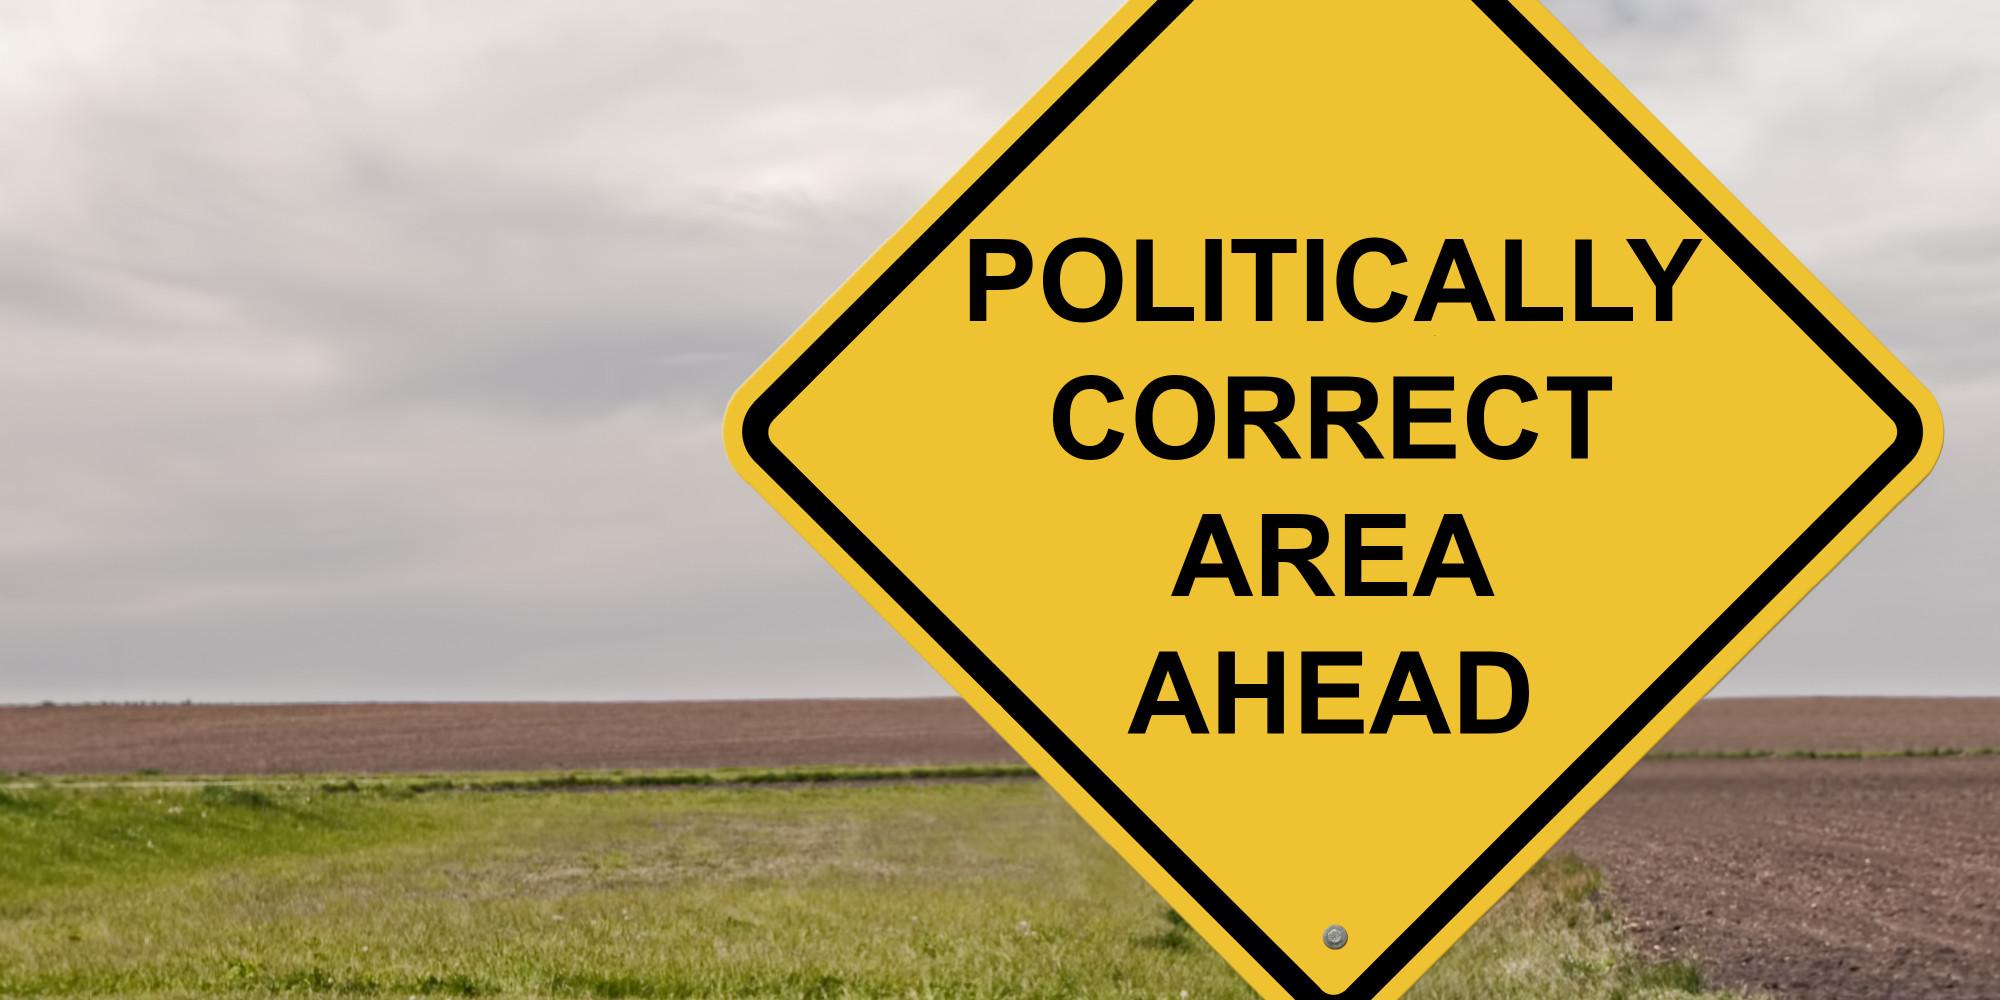 Bildresultat för politically correct